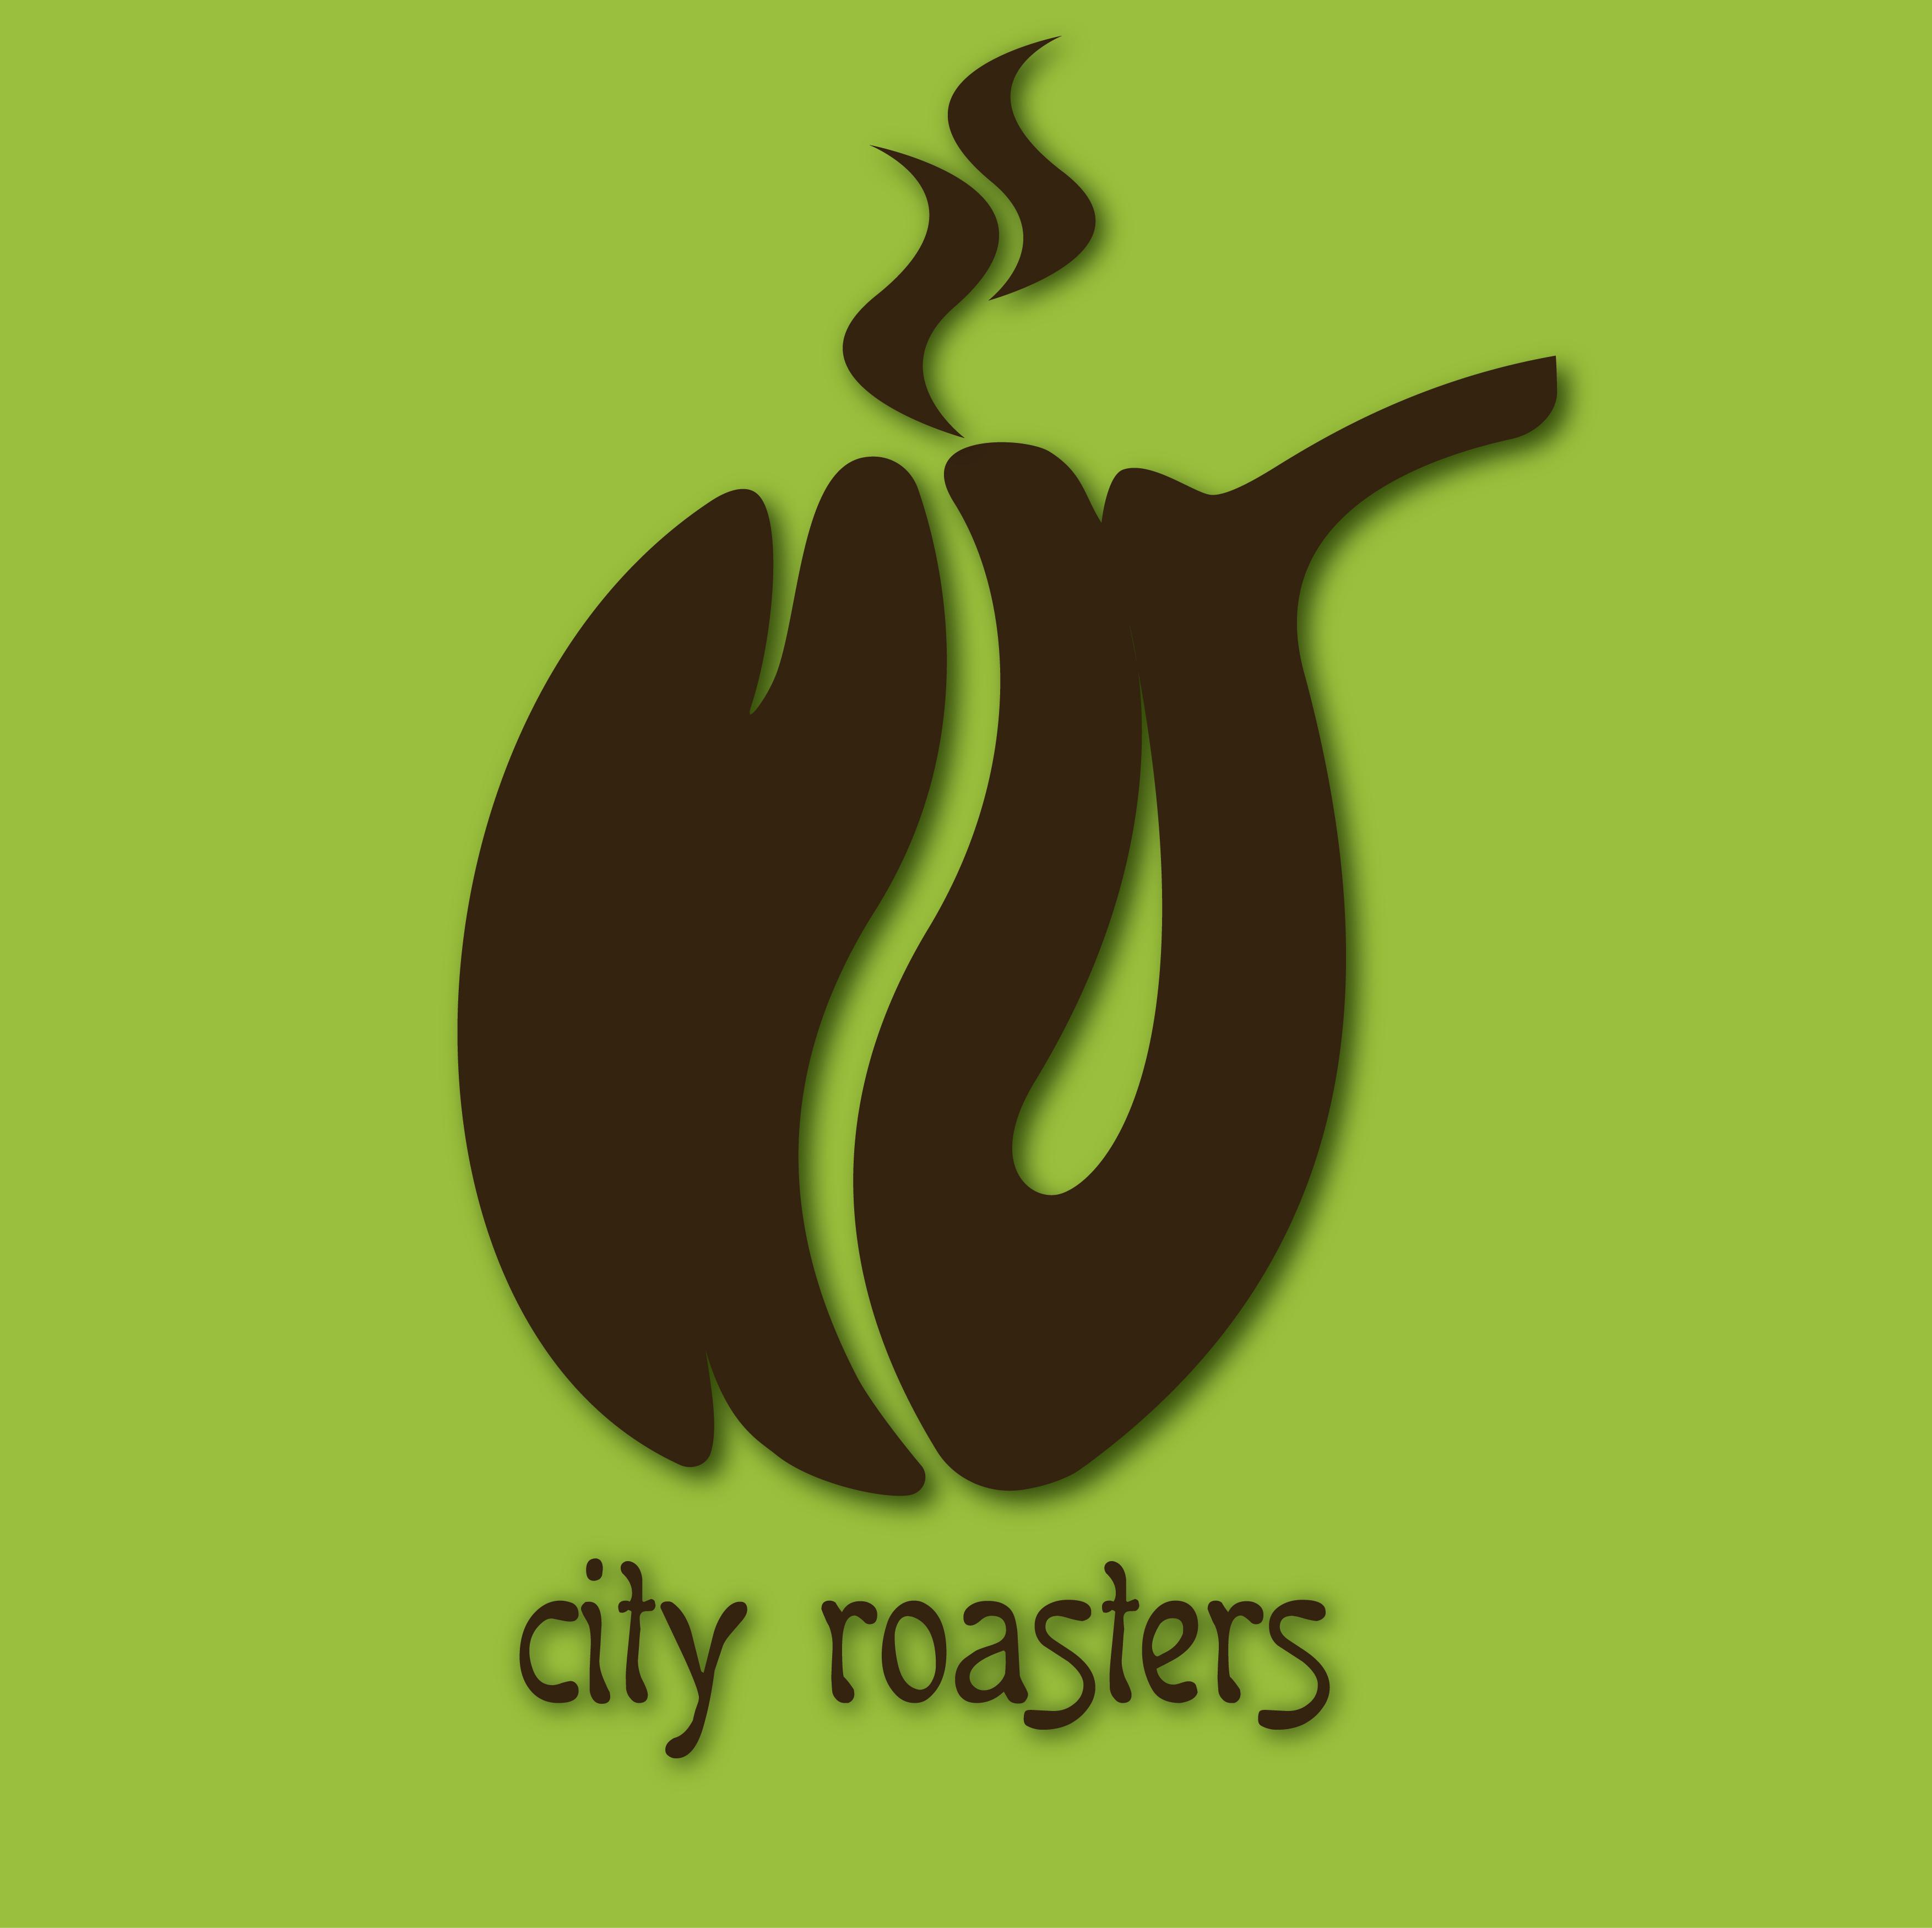 логотип для кофейной компании фото f_336541c9a6741fca.jpg